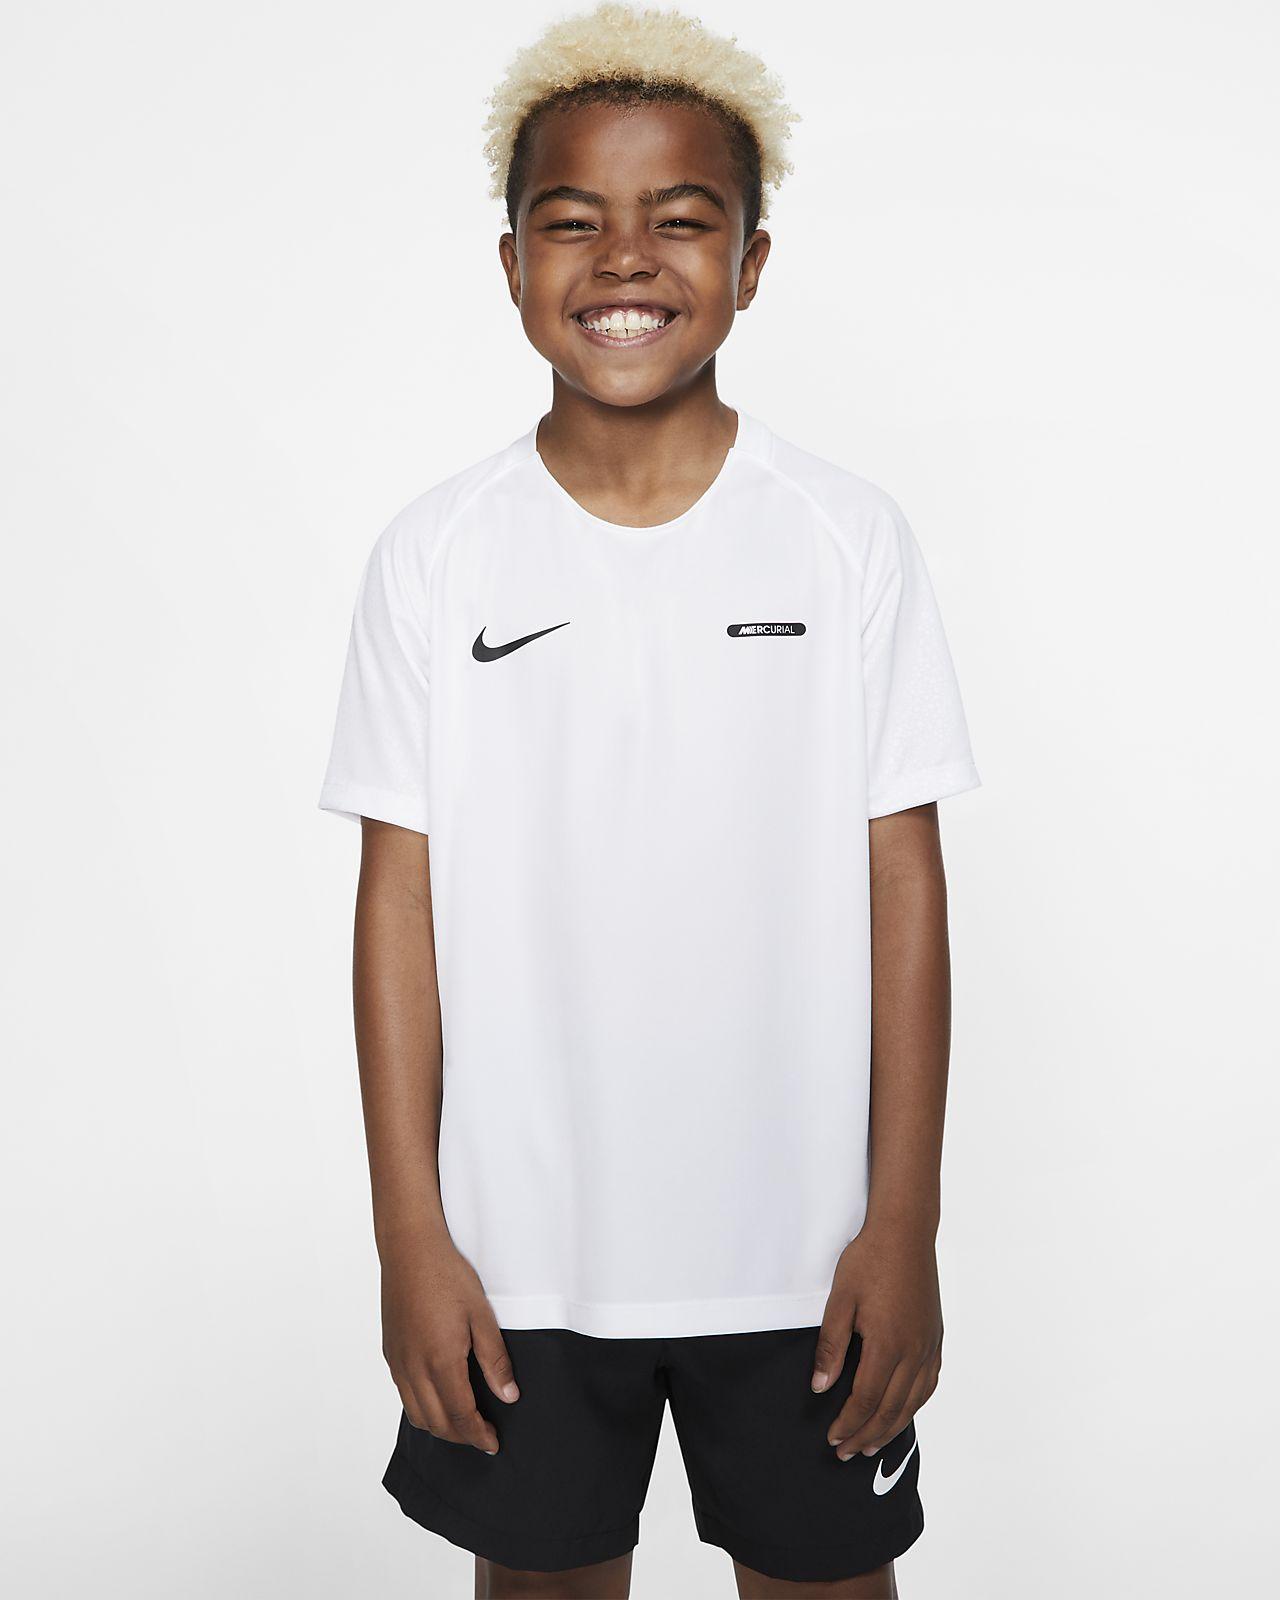 Κοντομάνικη ποδοσφαιρική μπλούζα Nike Dri-FIT Mercurial για μεγάλα παιδιά